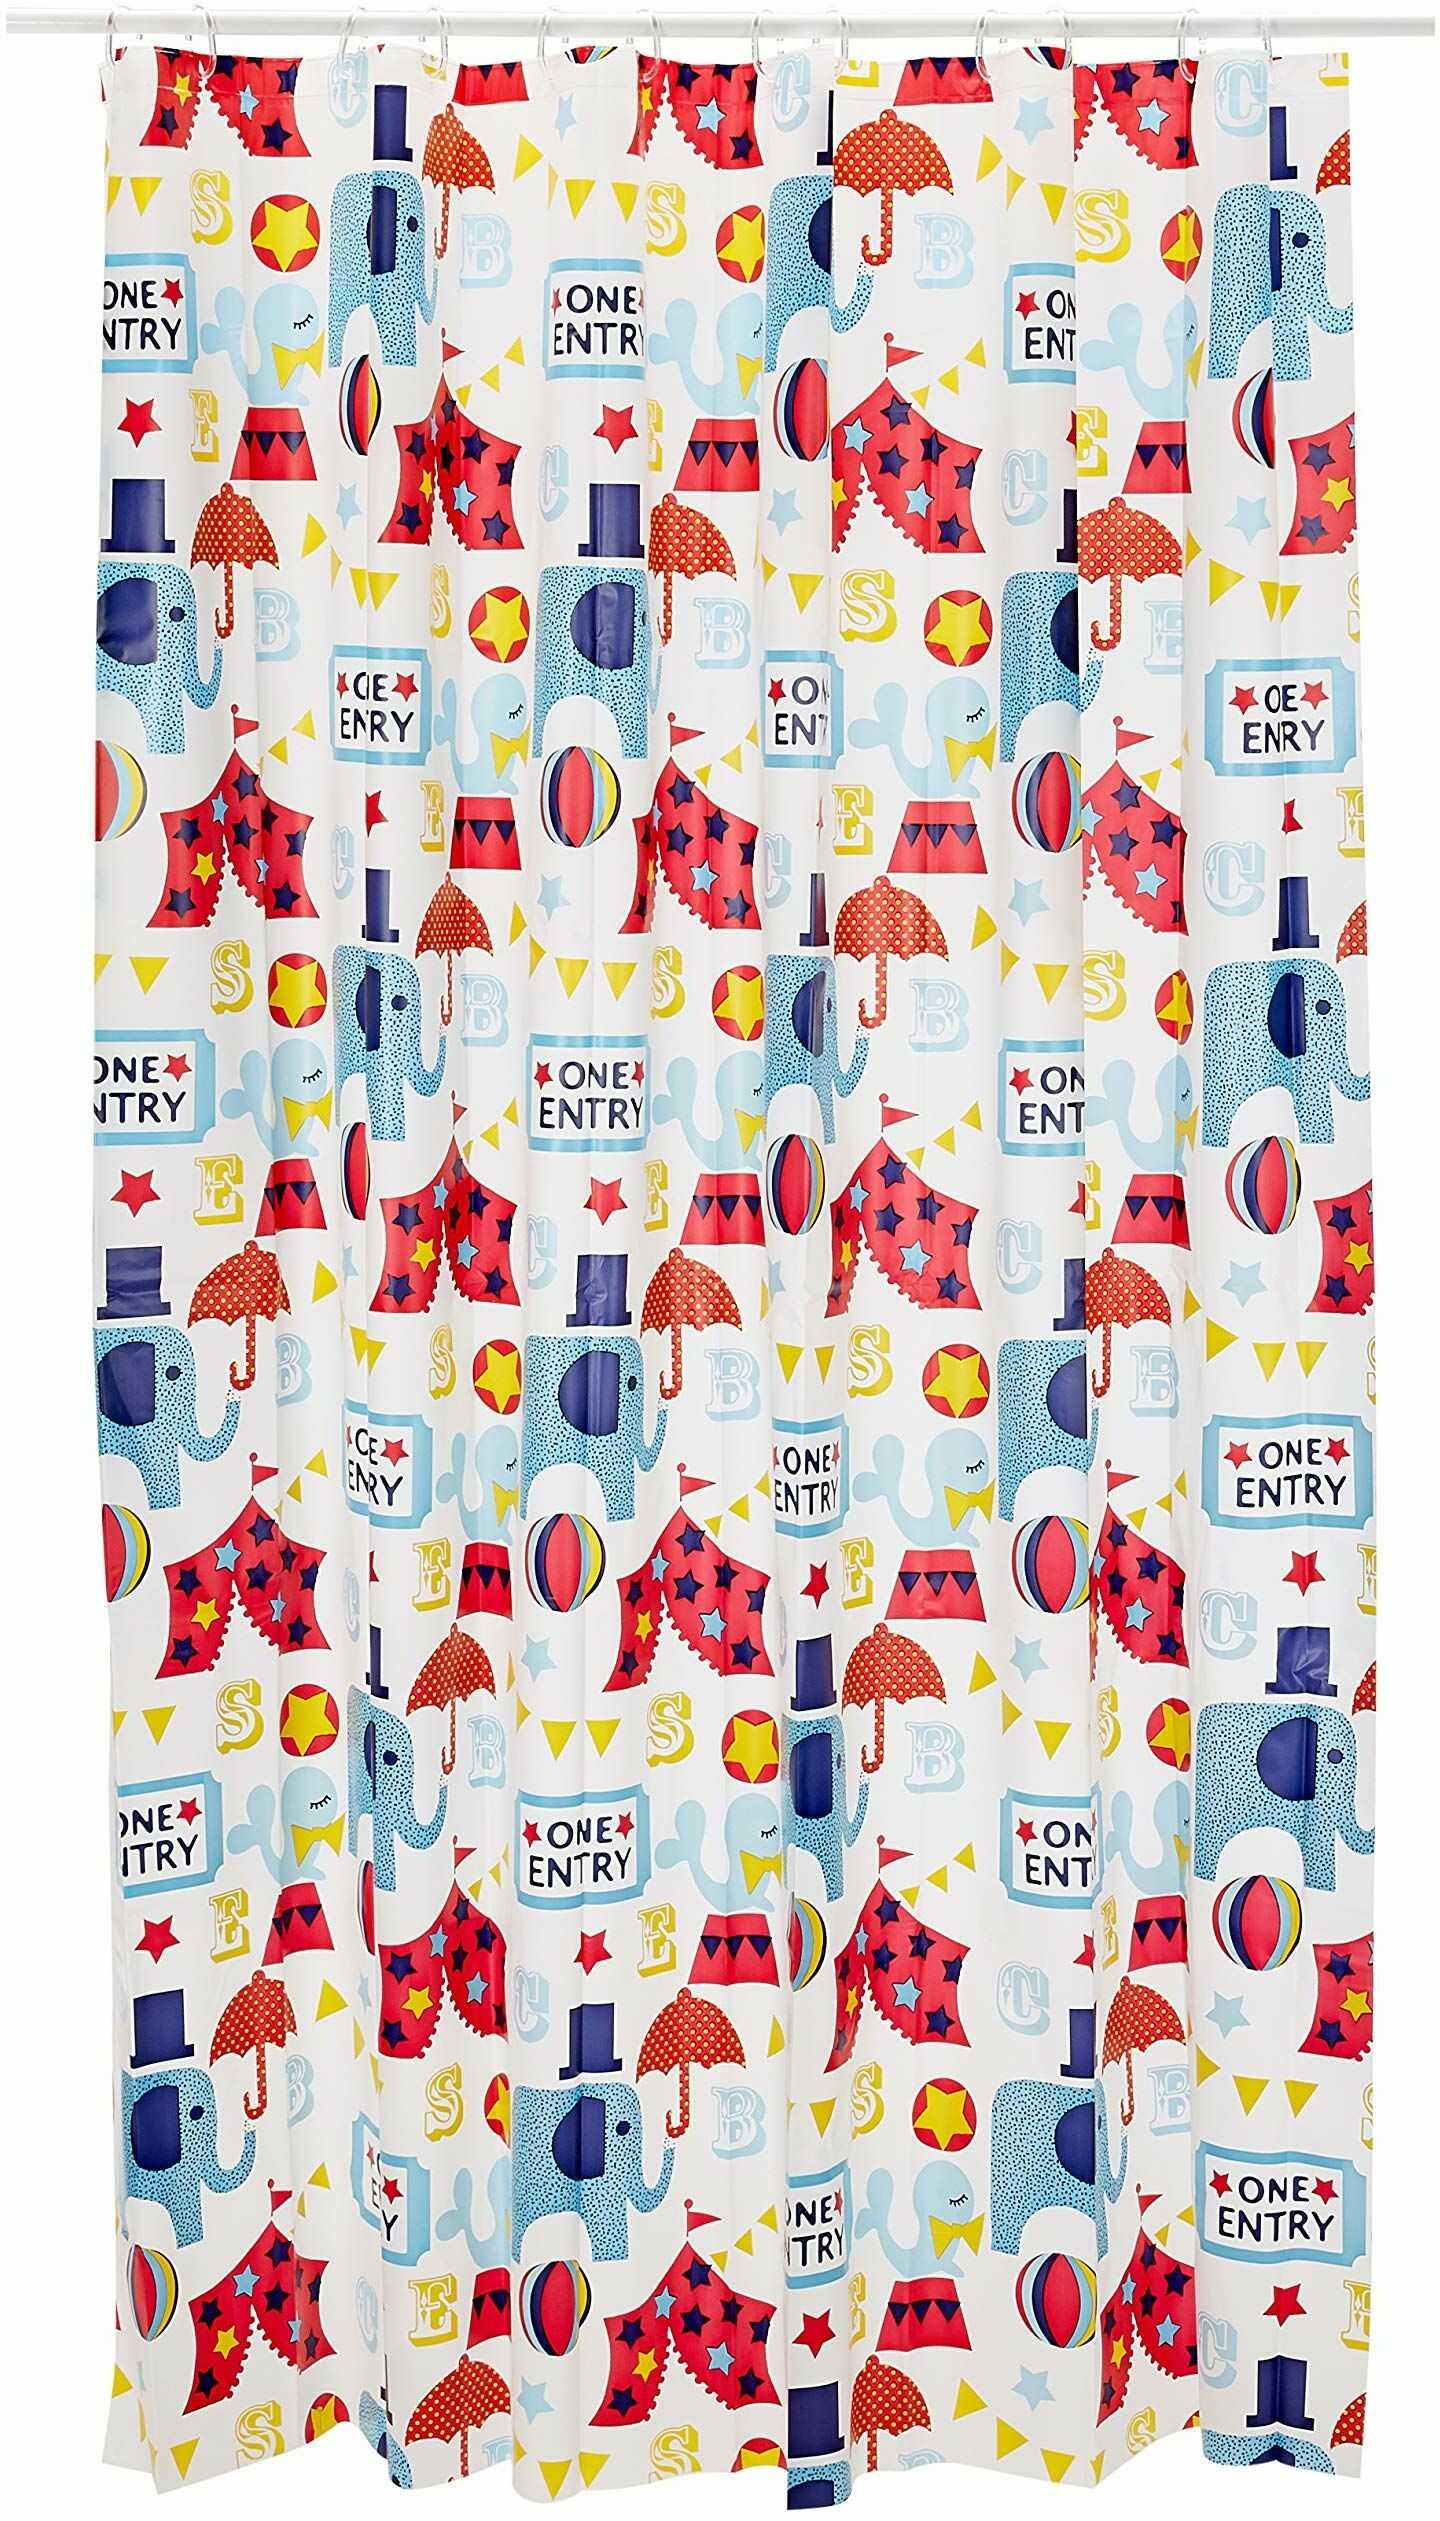 Spirella Zasłona z tworzywa sztucznego LIFESTYLE - Circus, wielokolorowa, 180 x 2 1107074, biała, Estandardar